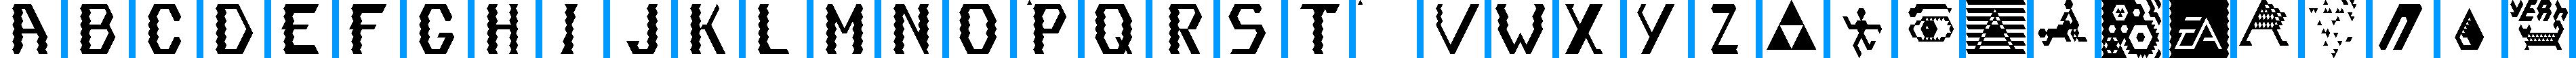 Particip-a-type v.210